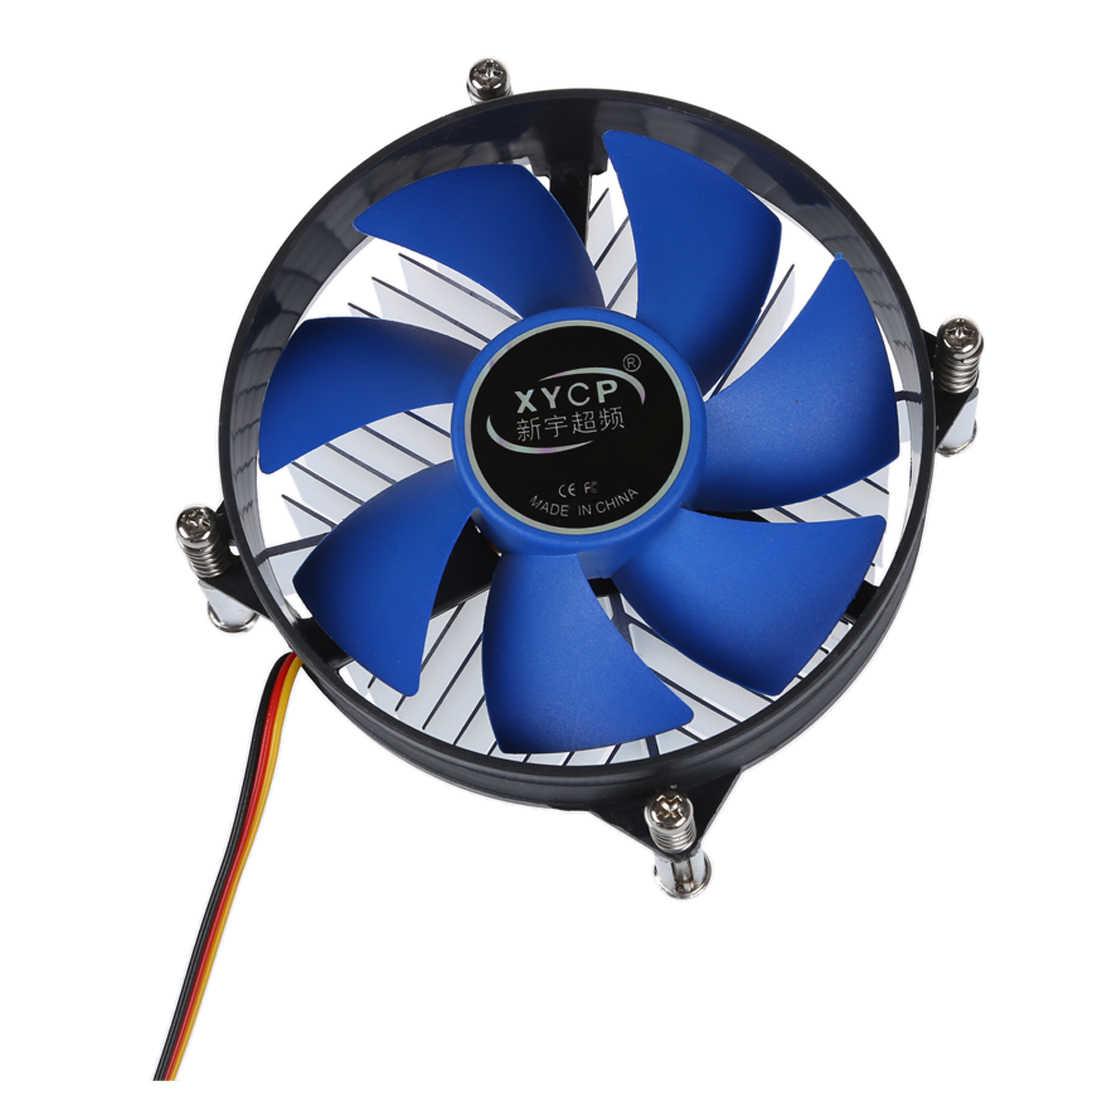 NEW-XYCP Bộ Vi Xử Lý Làm Mát CPU Tản Nhiệt cho 65 W Socket Intel LGA 1155/1156 Core i3/i5/i7 Xanh Dương